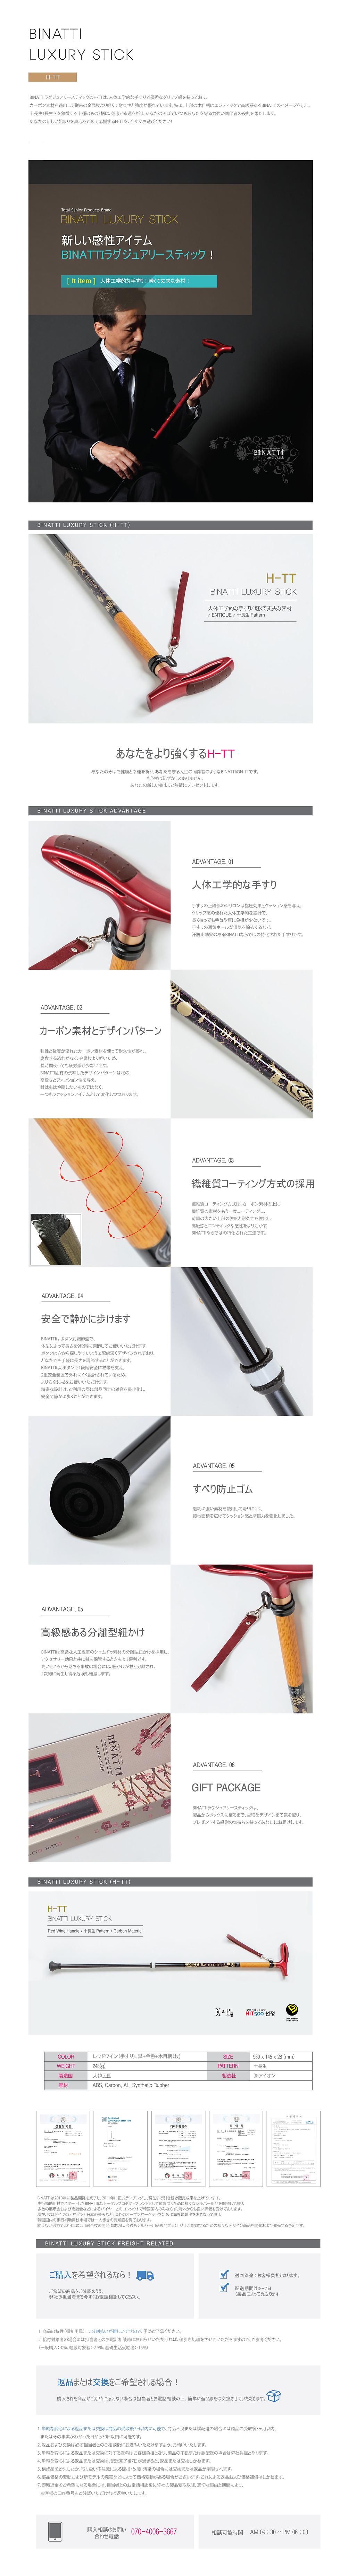 [JP]H-TT-01.jpg